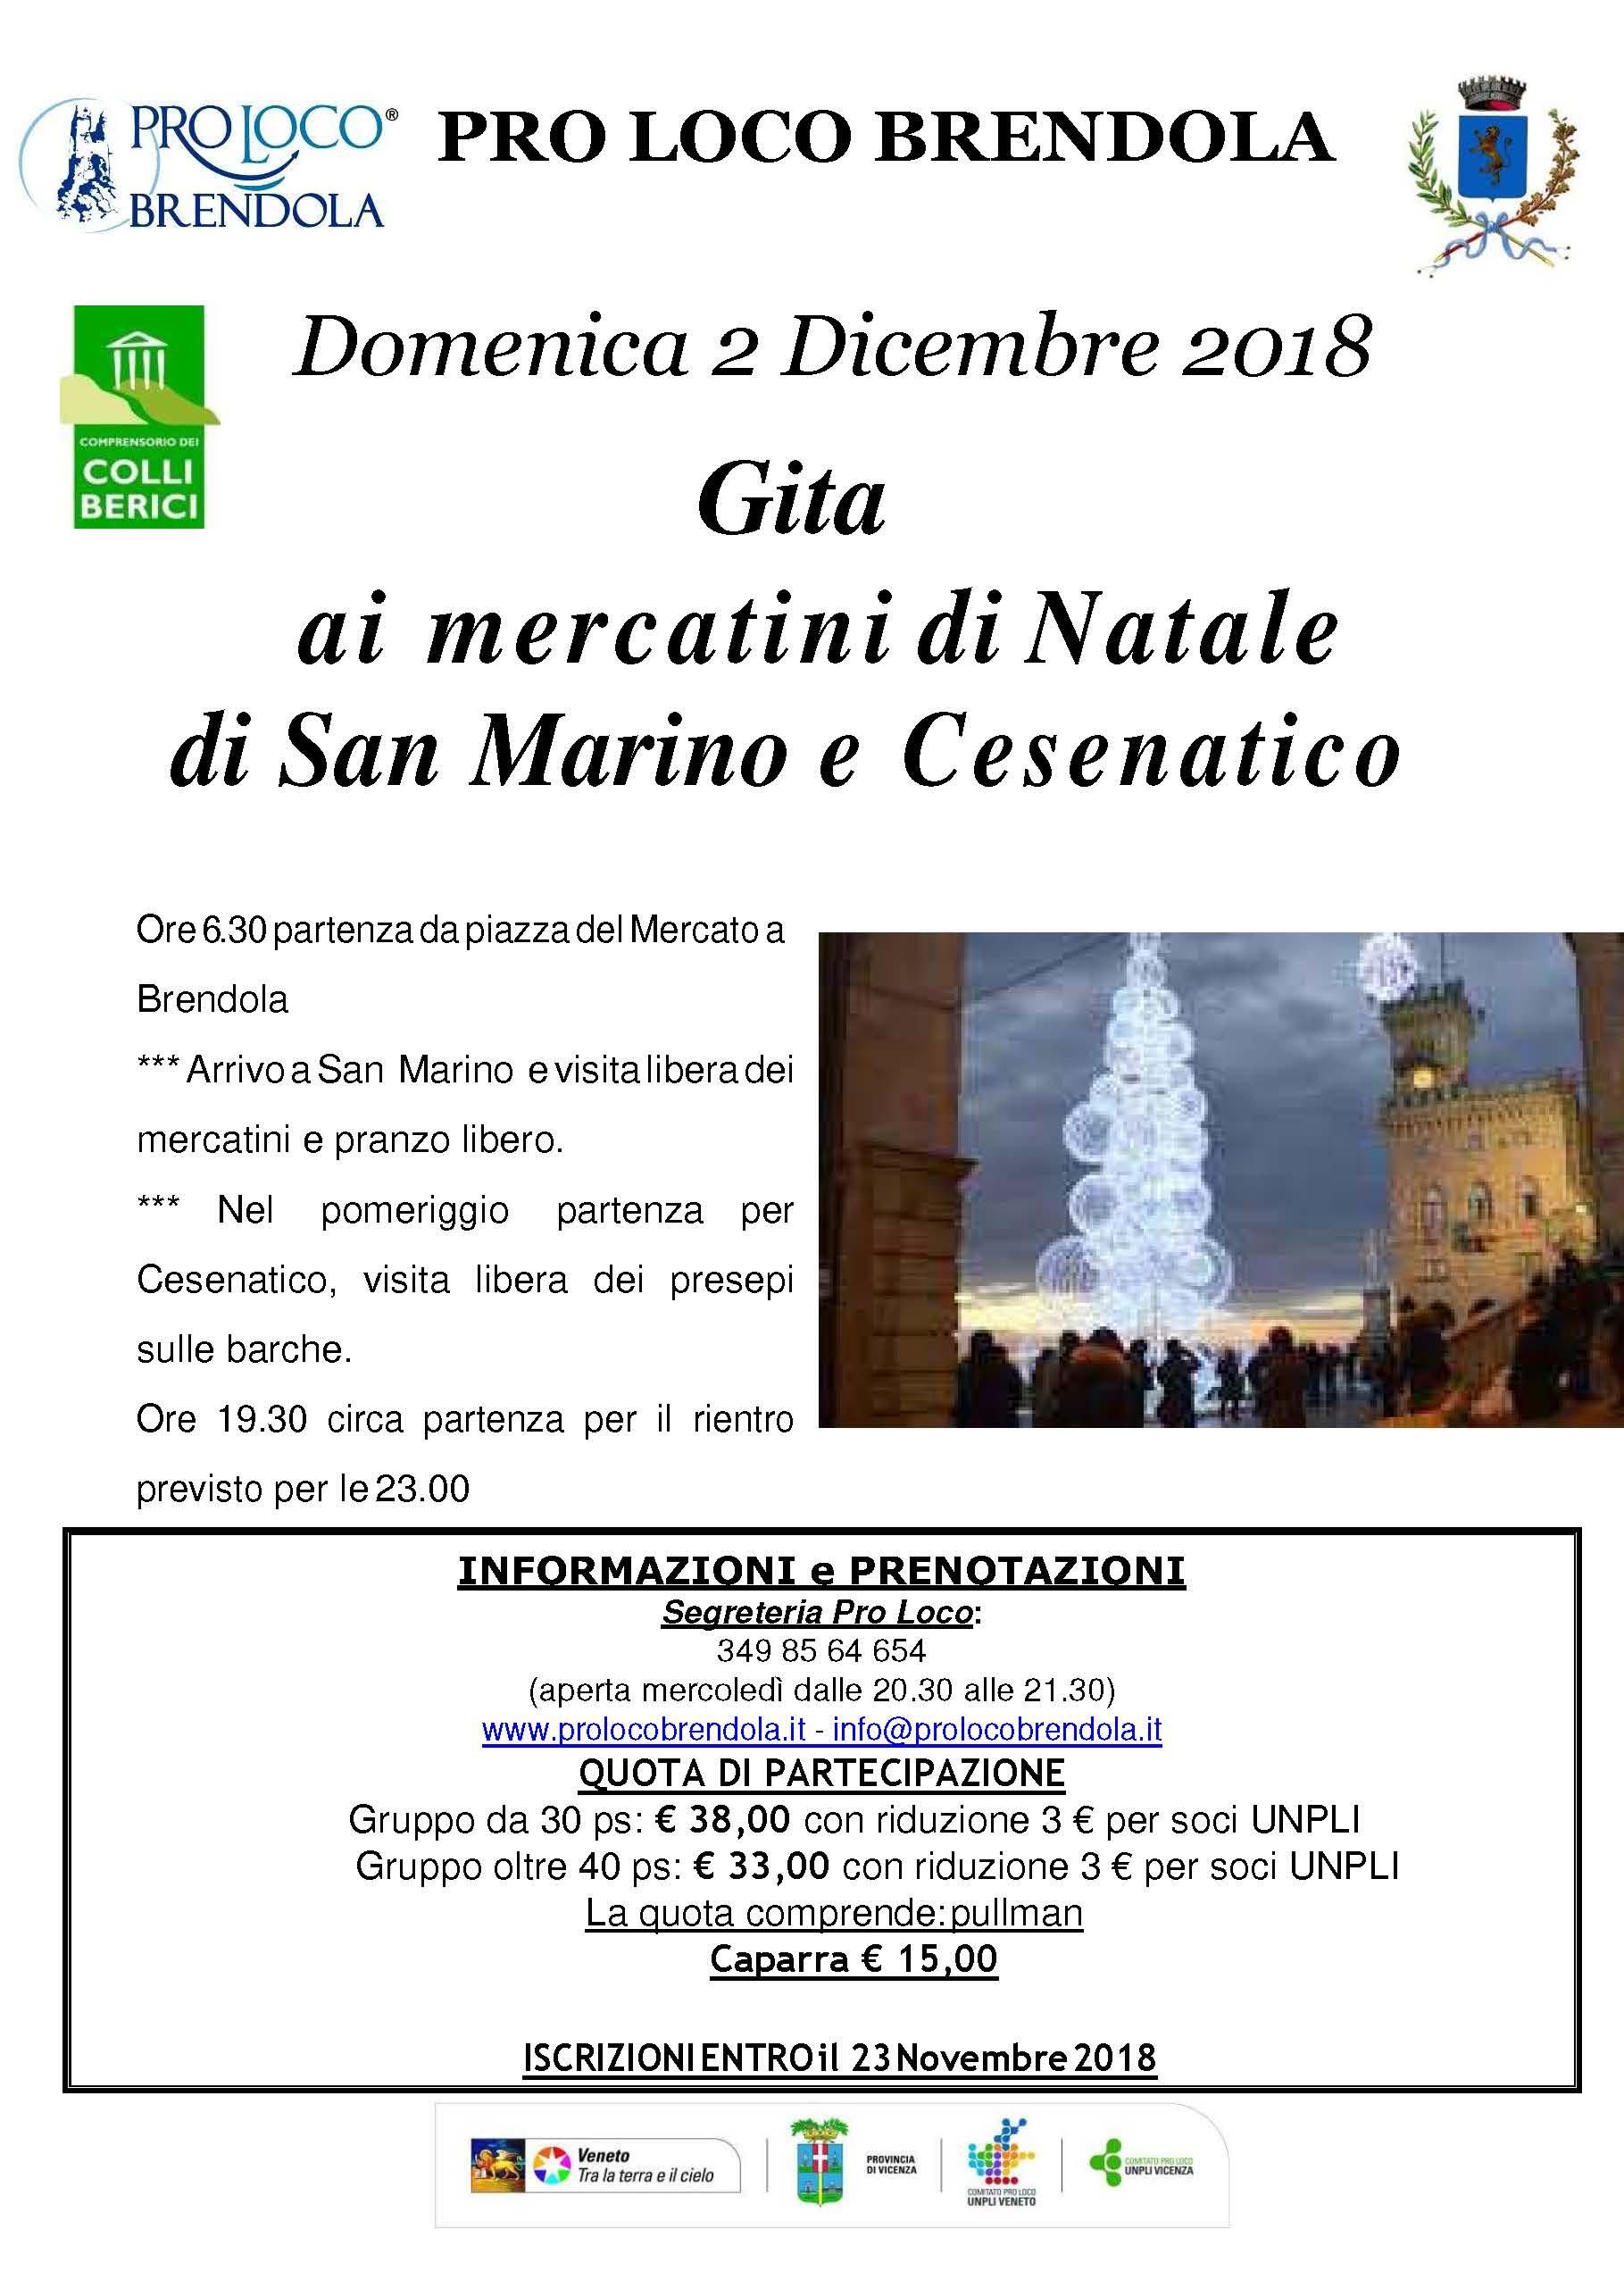 2018.12.02, GITA a MERCATINI di S.MARINO E CESENATICO